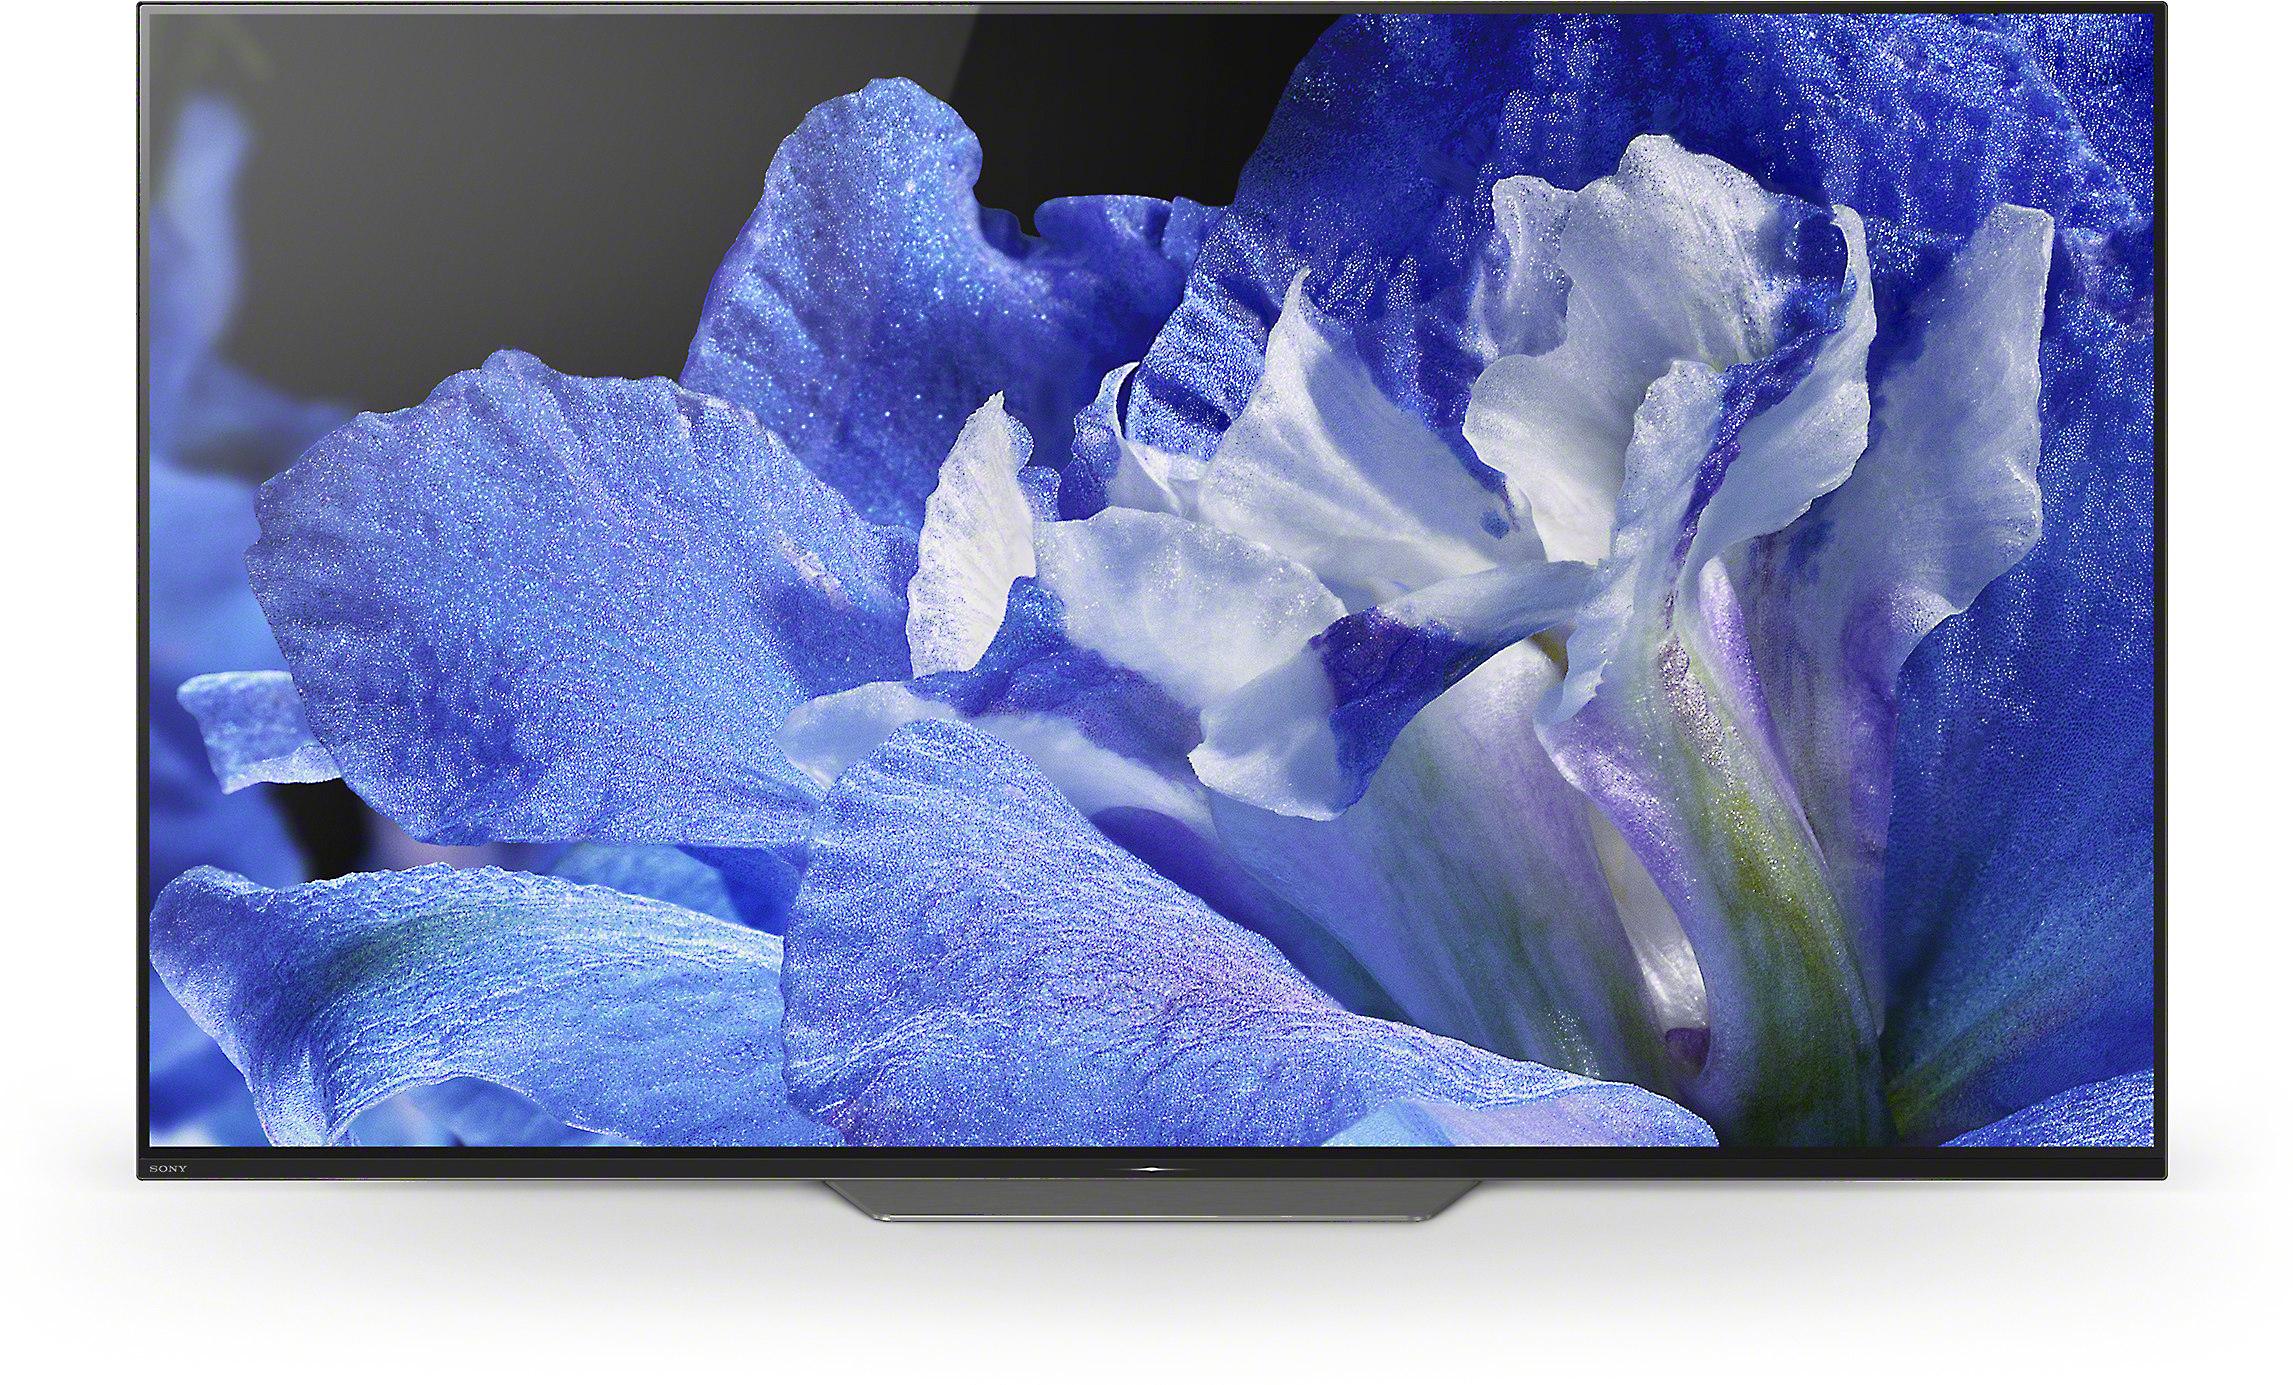 7a6a1aae18c6 Sony XBR-55A8F 55